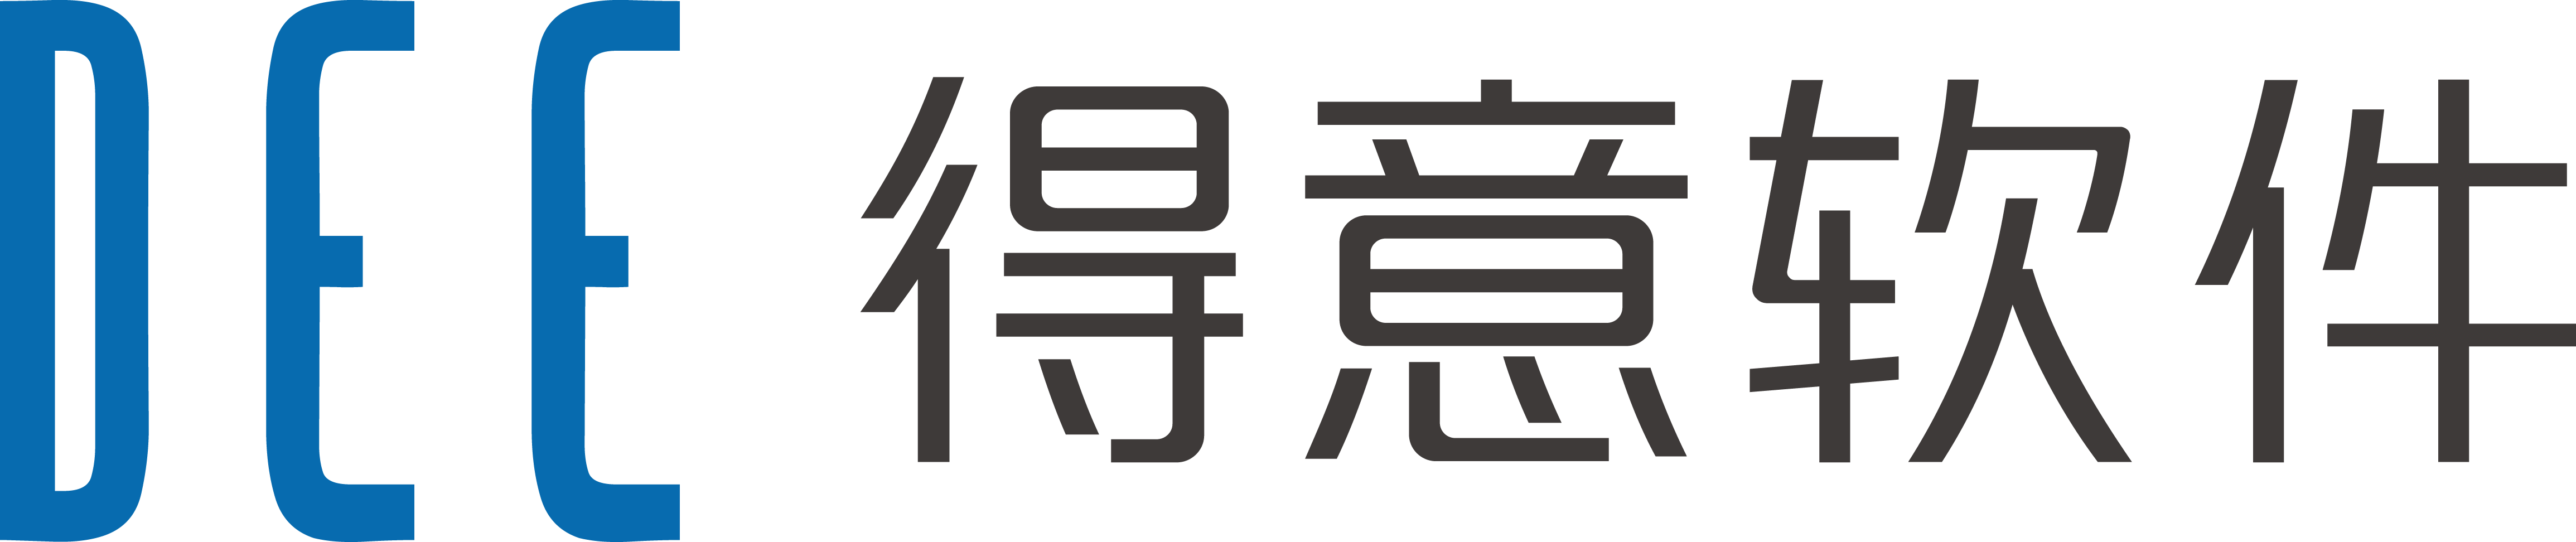 浙江得意软件技术有限公司